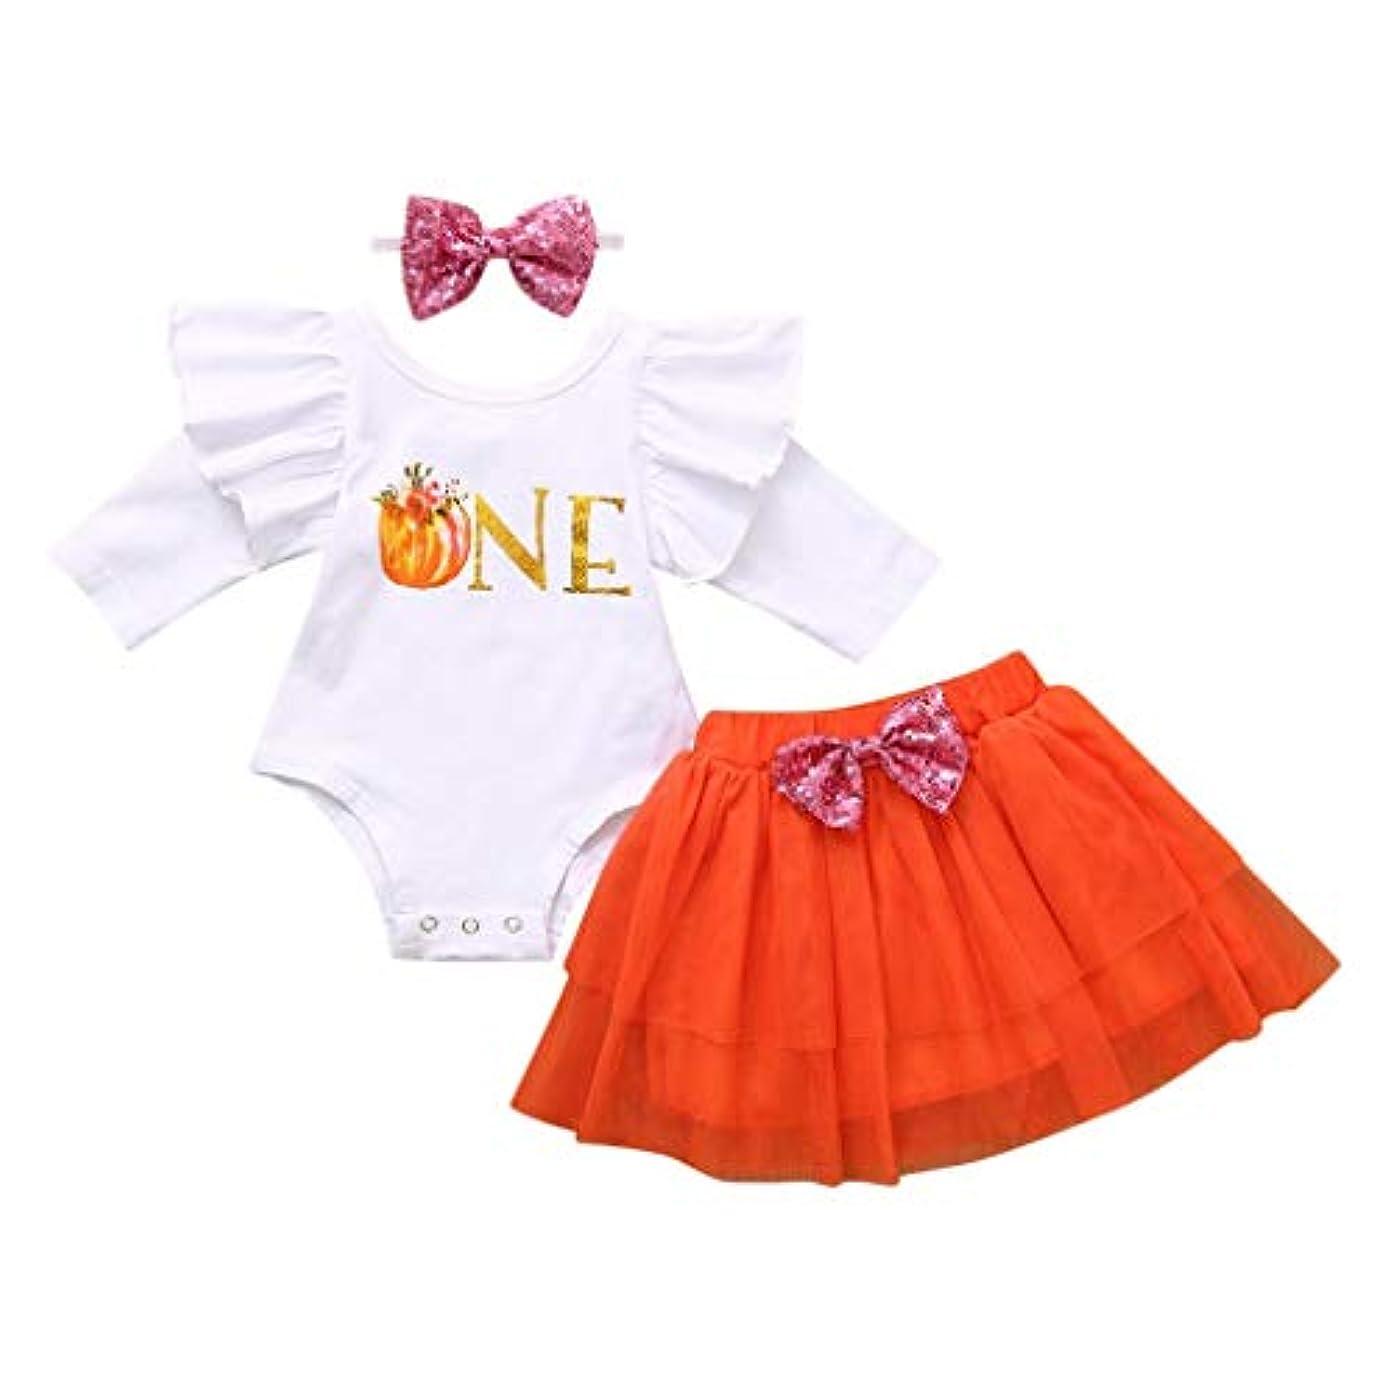 笑い姿を消す焦げMISFIY 新生児 ベビー服 ロンパース tutuスカート セット ヘアバンド ス 肌着 かわいい 柔らかい ハロウィン Halloween かぼちゃ 仮装衣装 撮影 写真 (100)